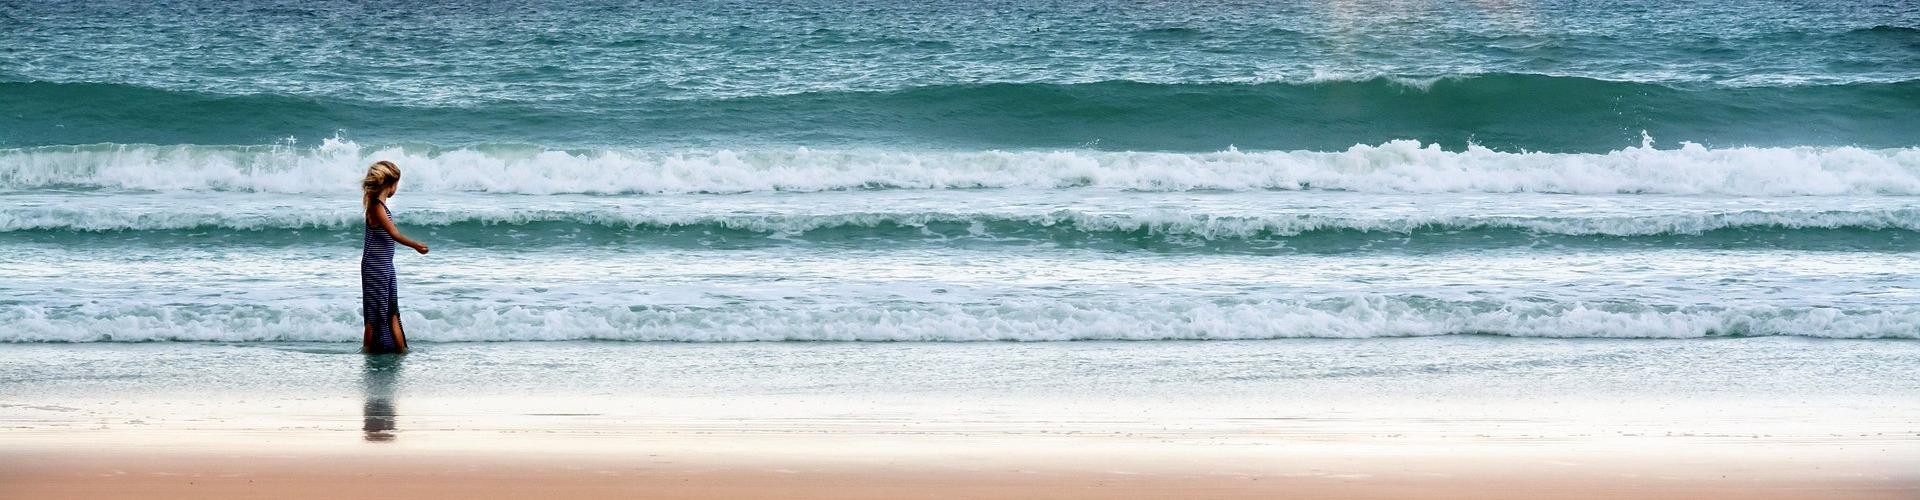 Vacanze sulla spiaggia